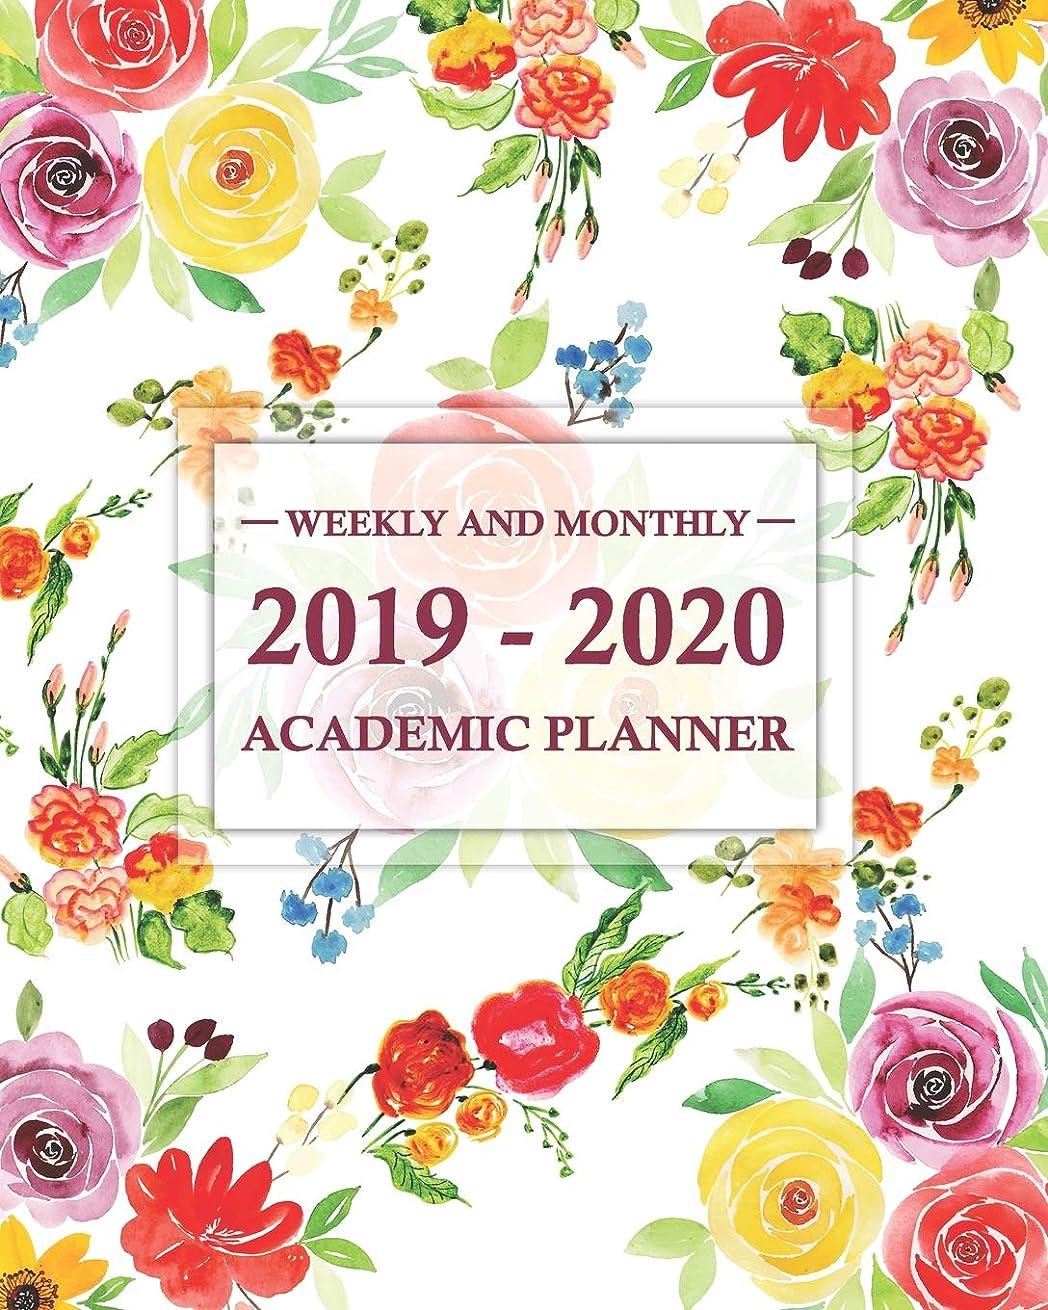 排出かすれた舌な2019-2020 Academic Planner Weekly And Monthly: July 2019-June 2020, Monthly calendar and day planner of academic year (July 2019 - June 2020 Academic calendar)